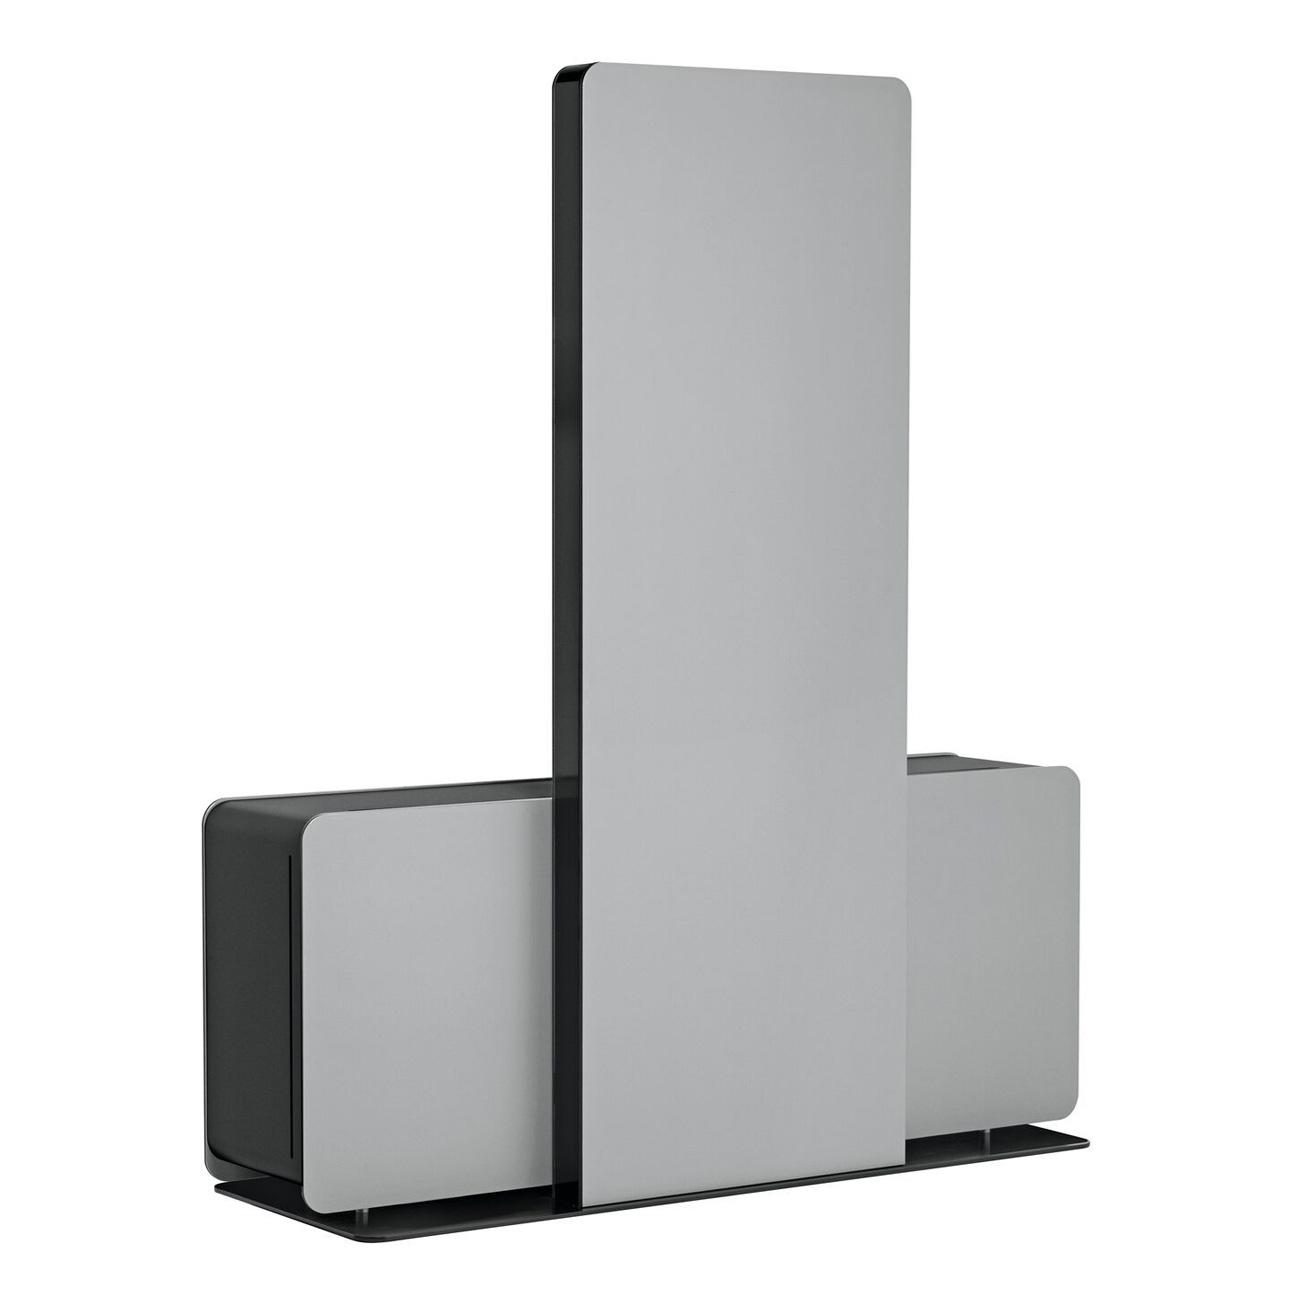 Vogels PVF 4112 Silver - Многофункциональный стационарный стенд для видеоконференций, макс. нагрузка 80 кг